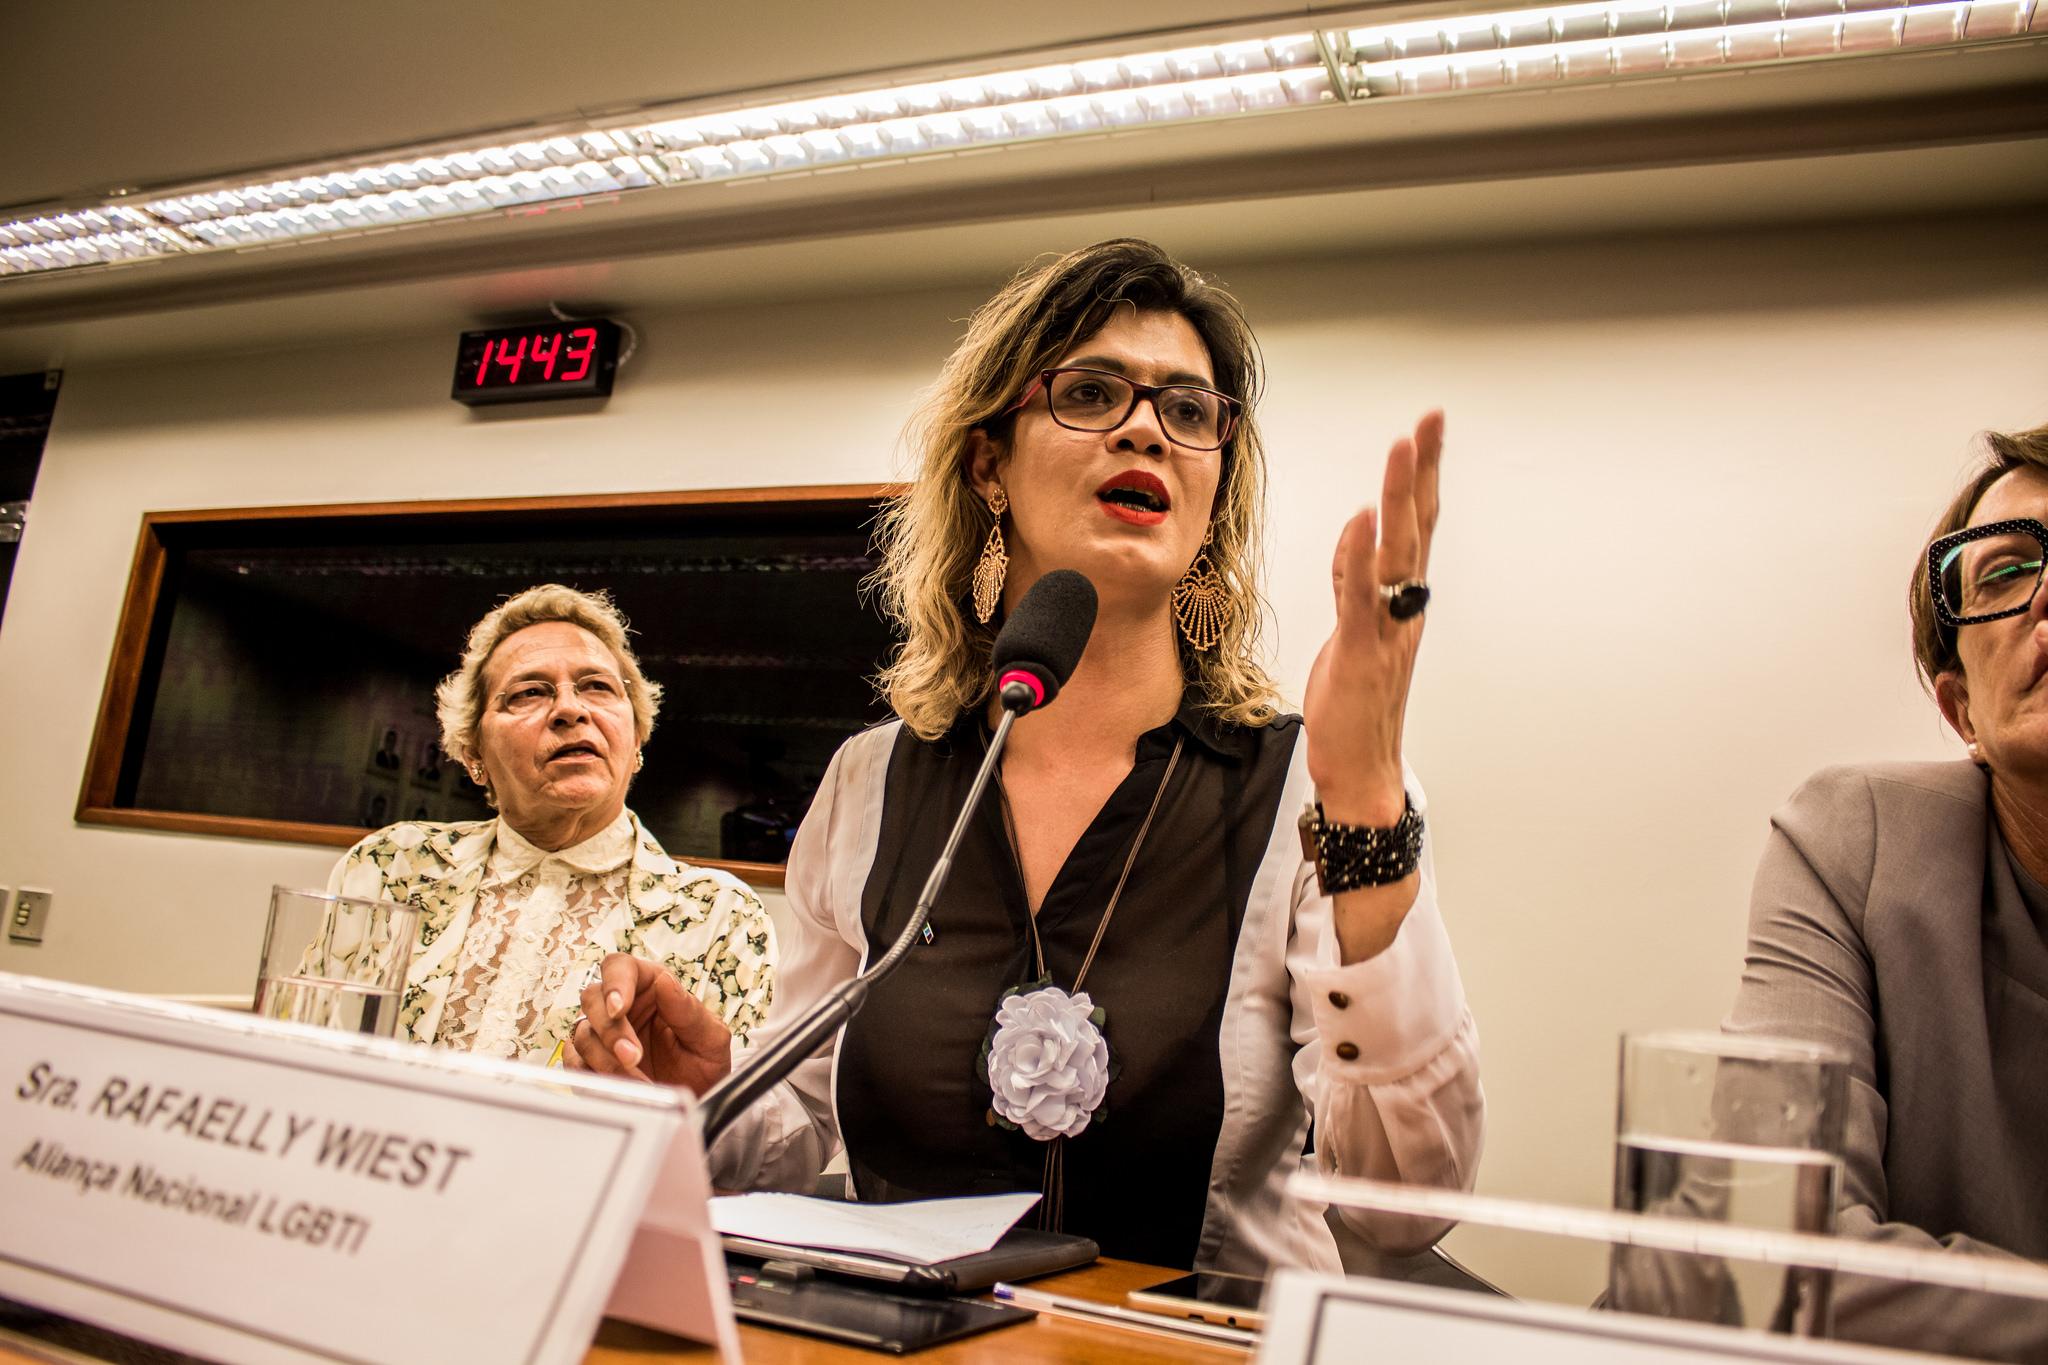 Em foco, Rafaelly Wiest, Diretora Administrativa da Aliança Nacional LGBTI+ falando na mesa da audiência pública